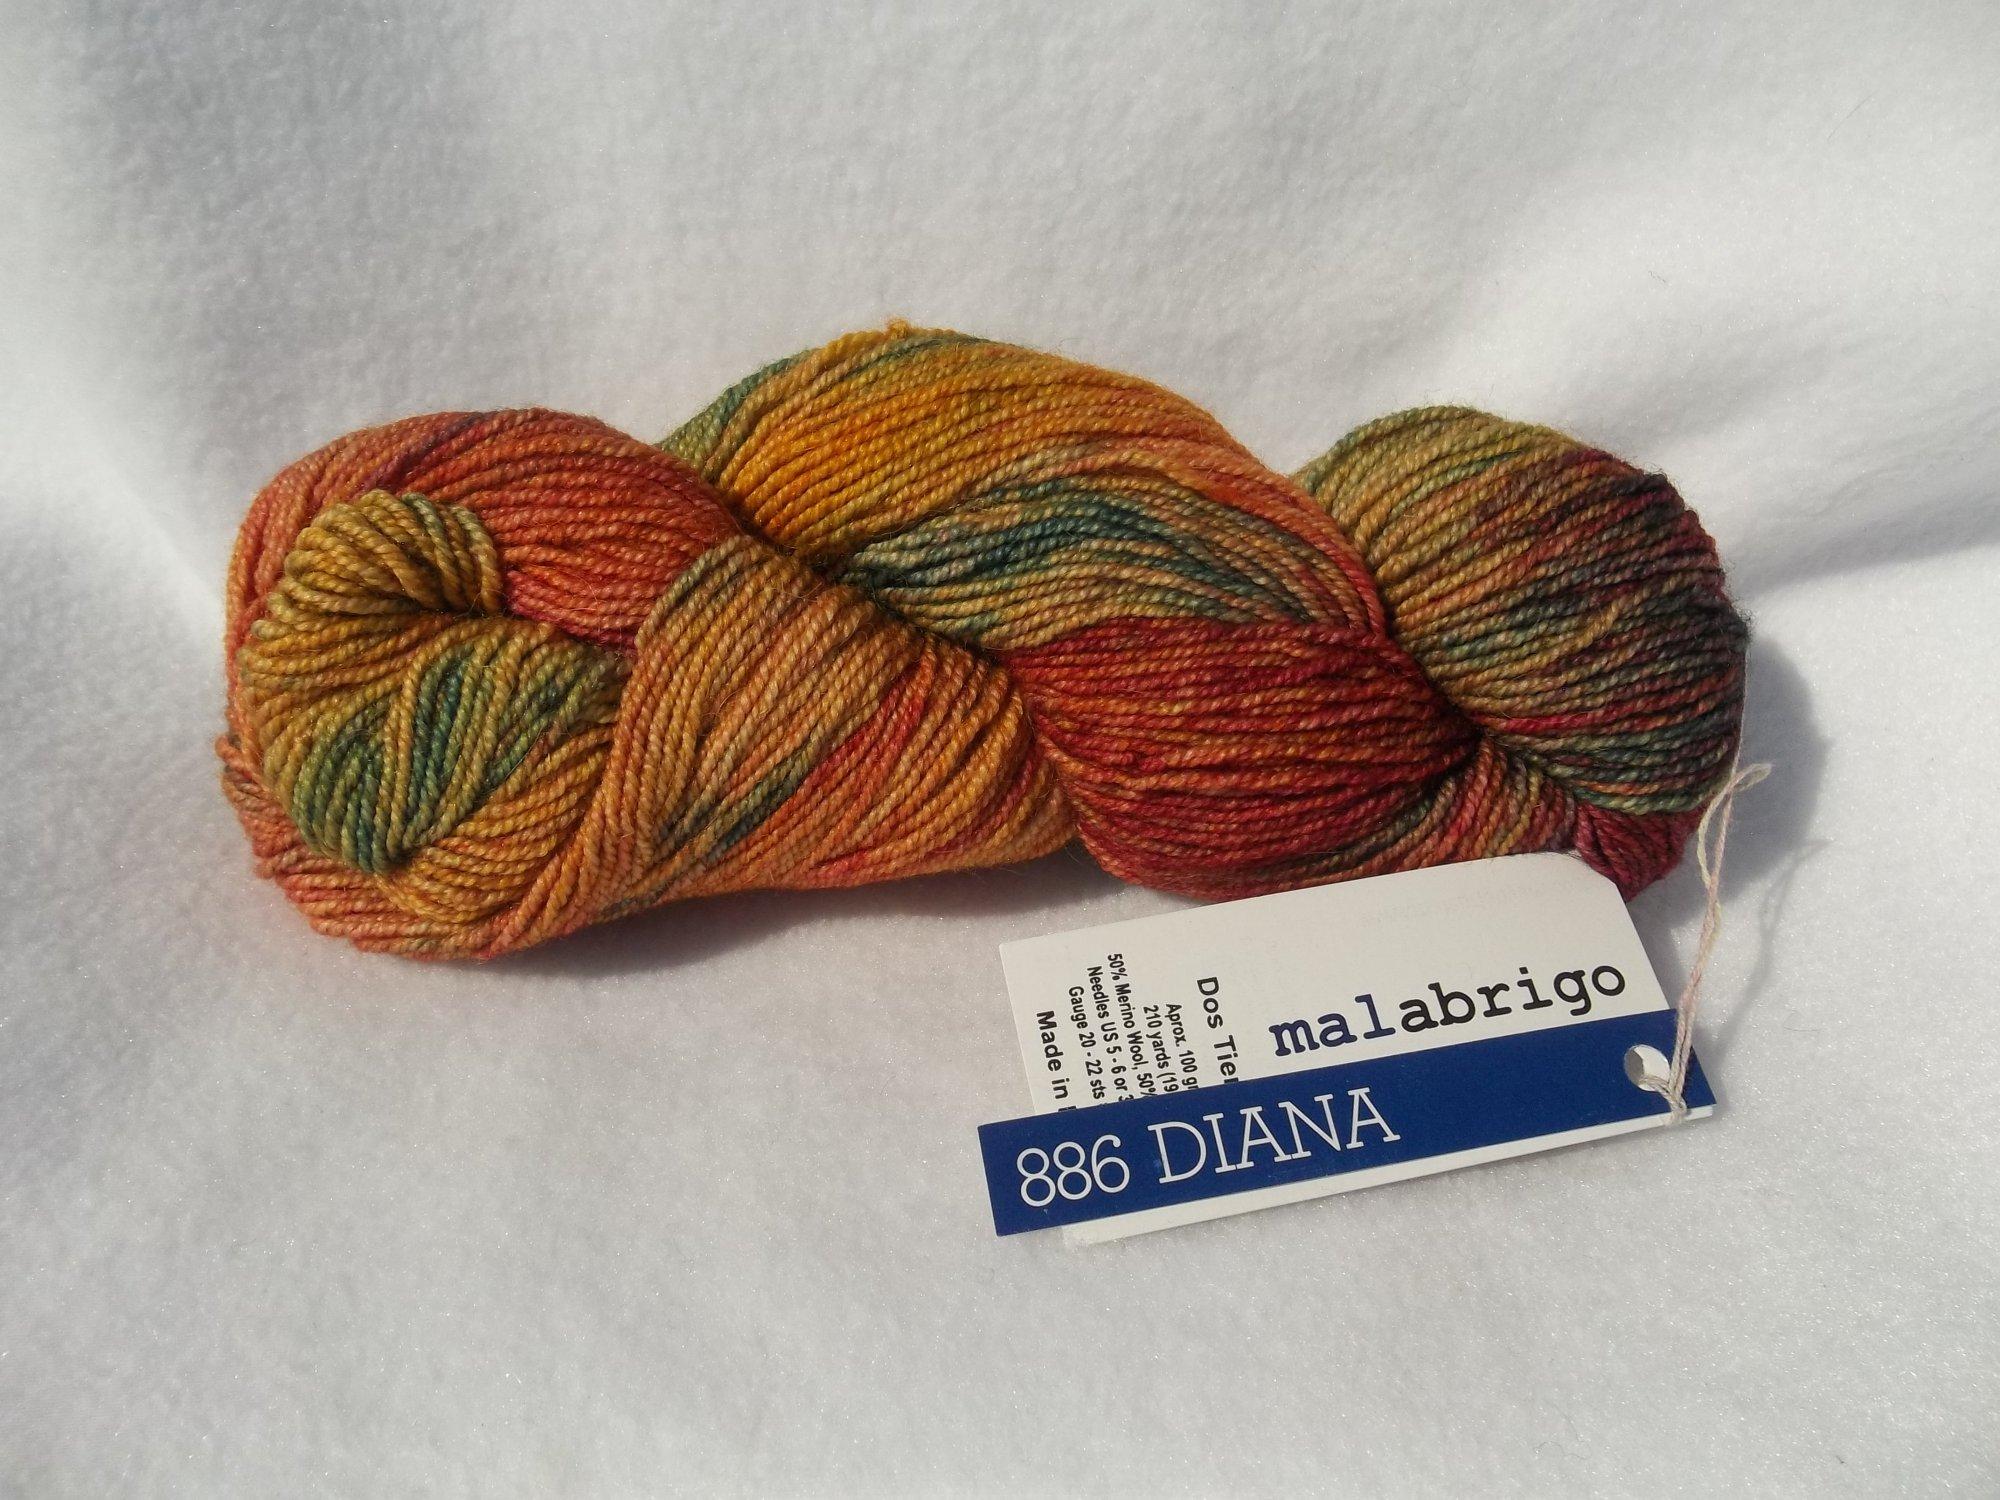 Dos Tierras - Diana - 886